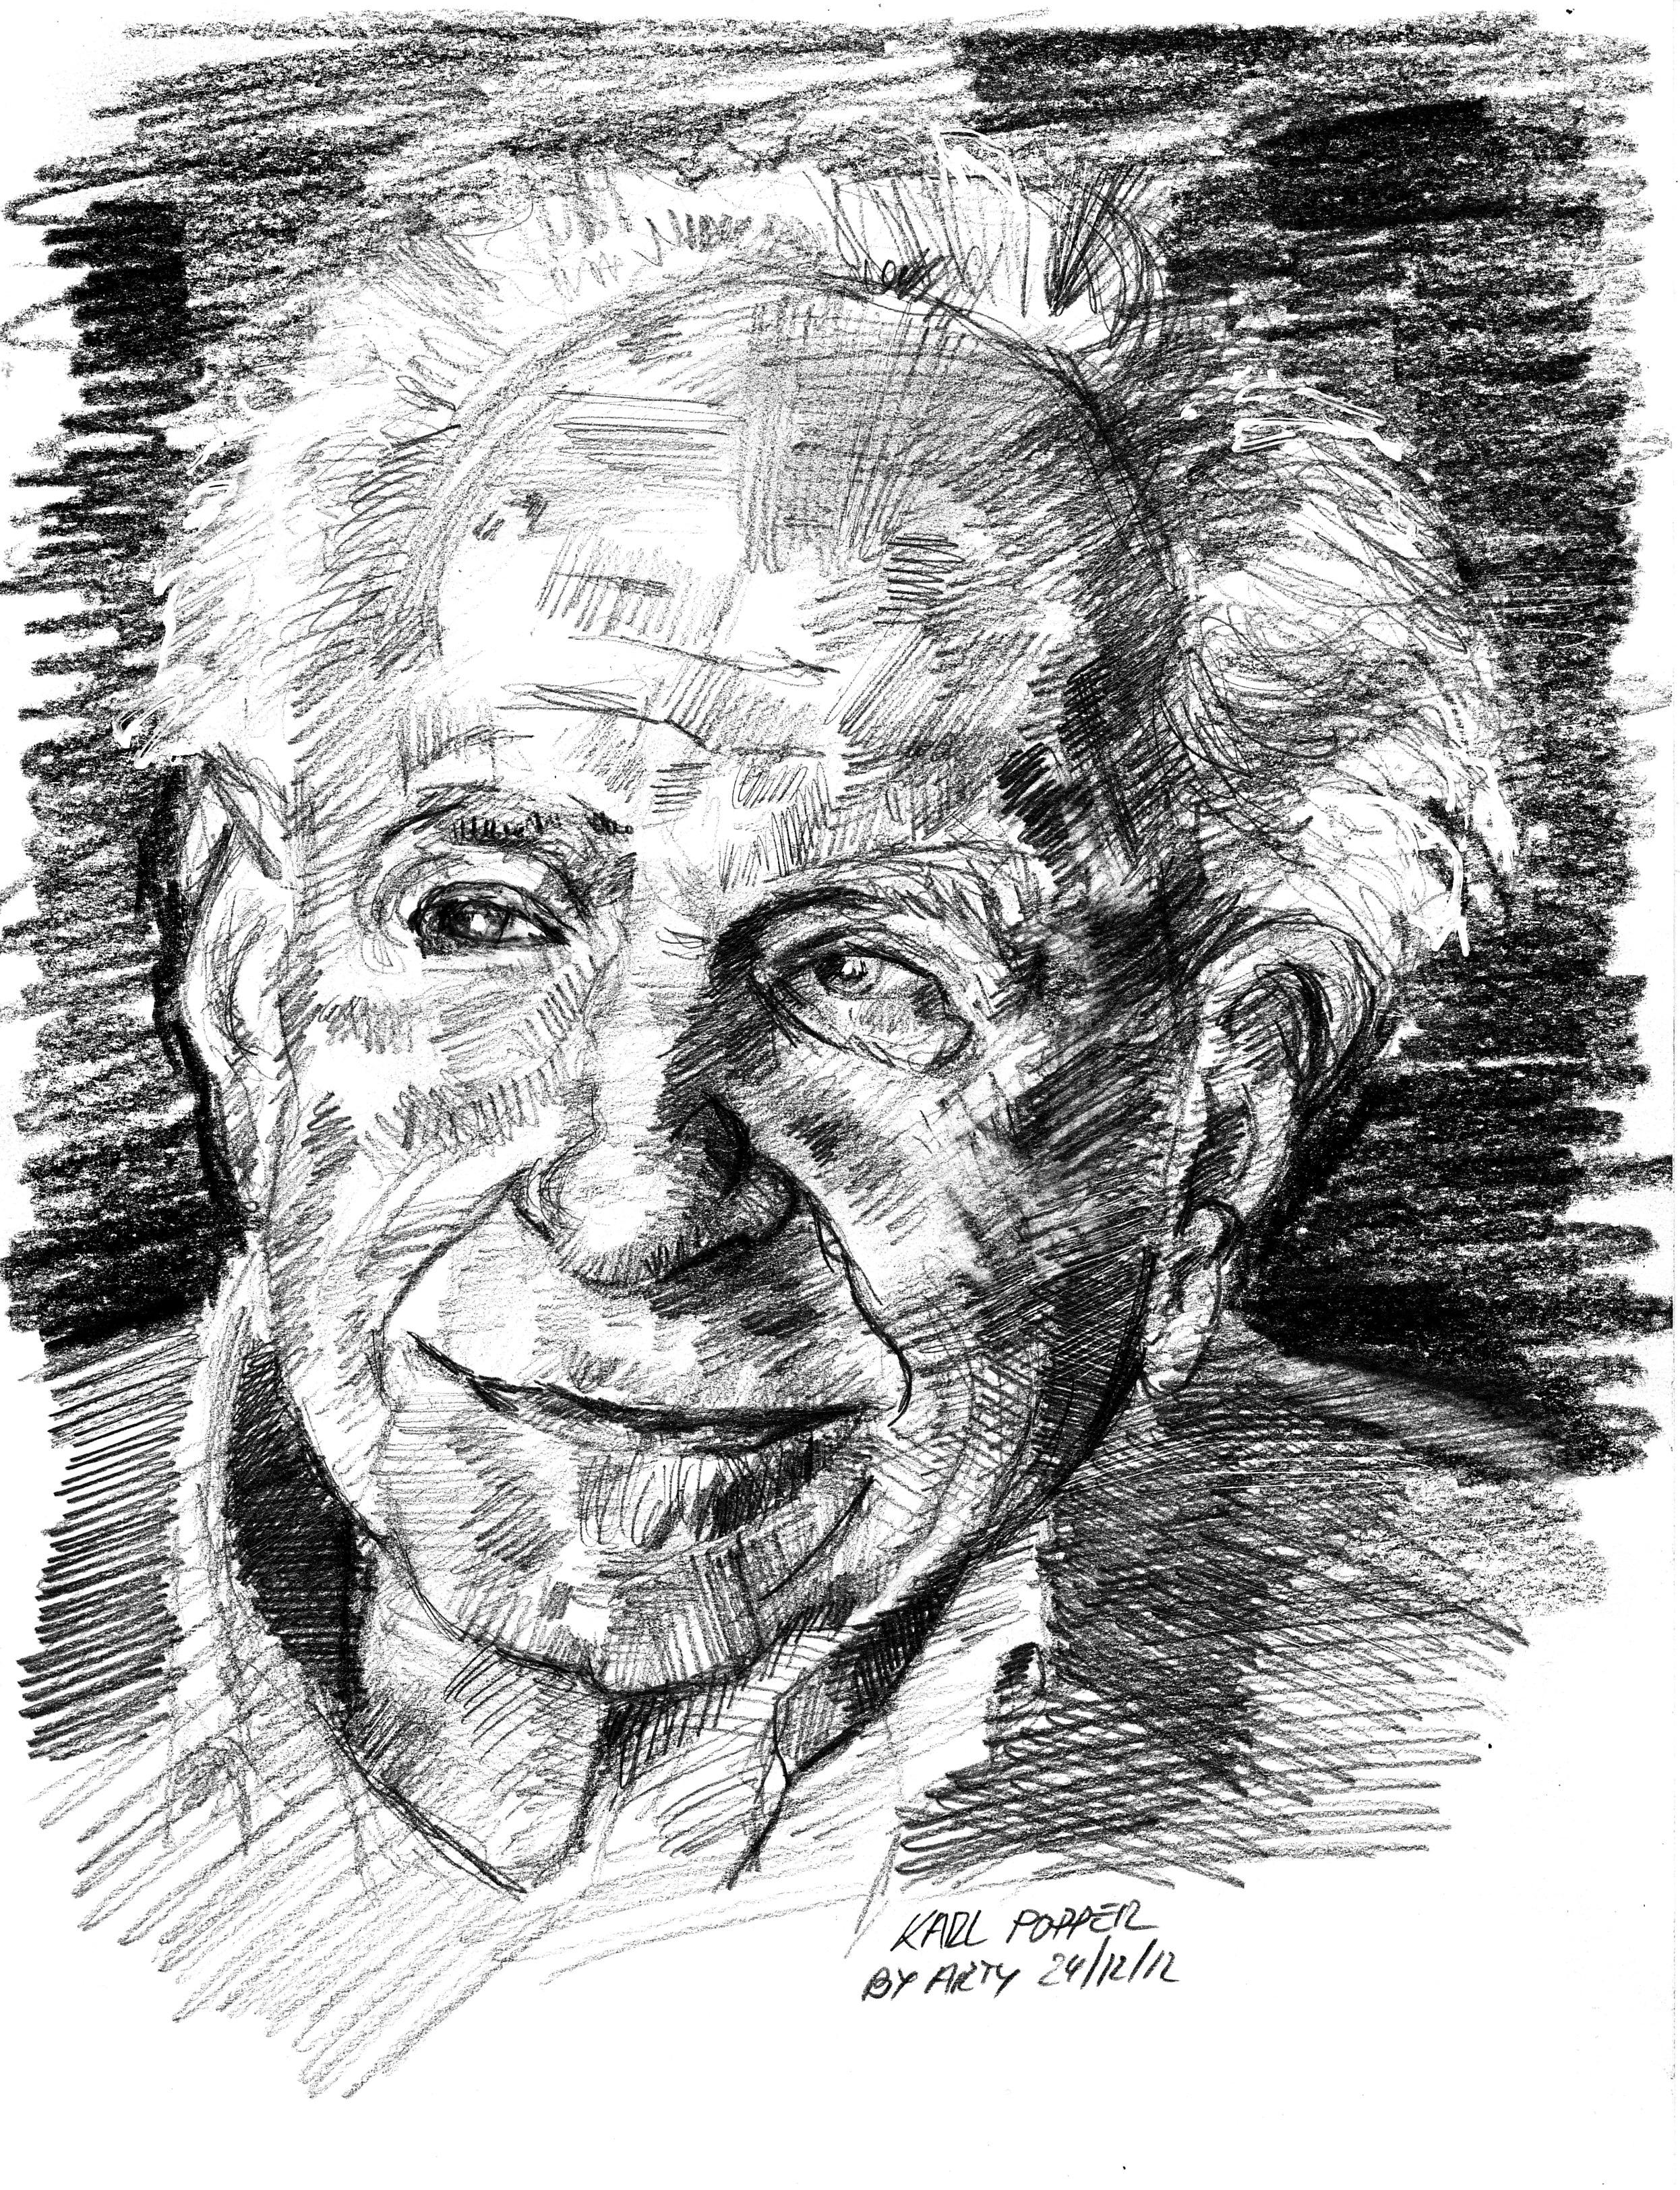 Karl Popper nel ritratto di Arturo Espinosa